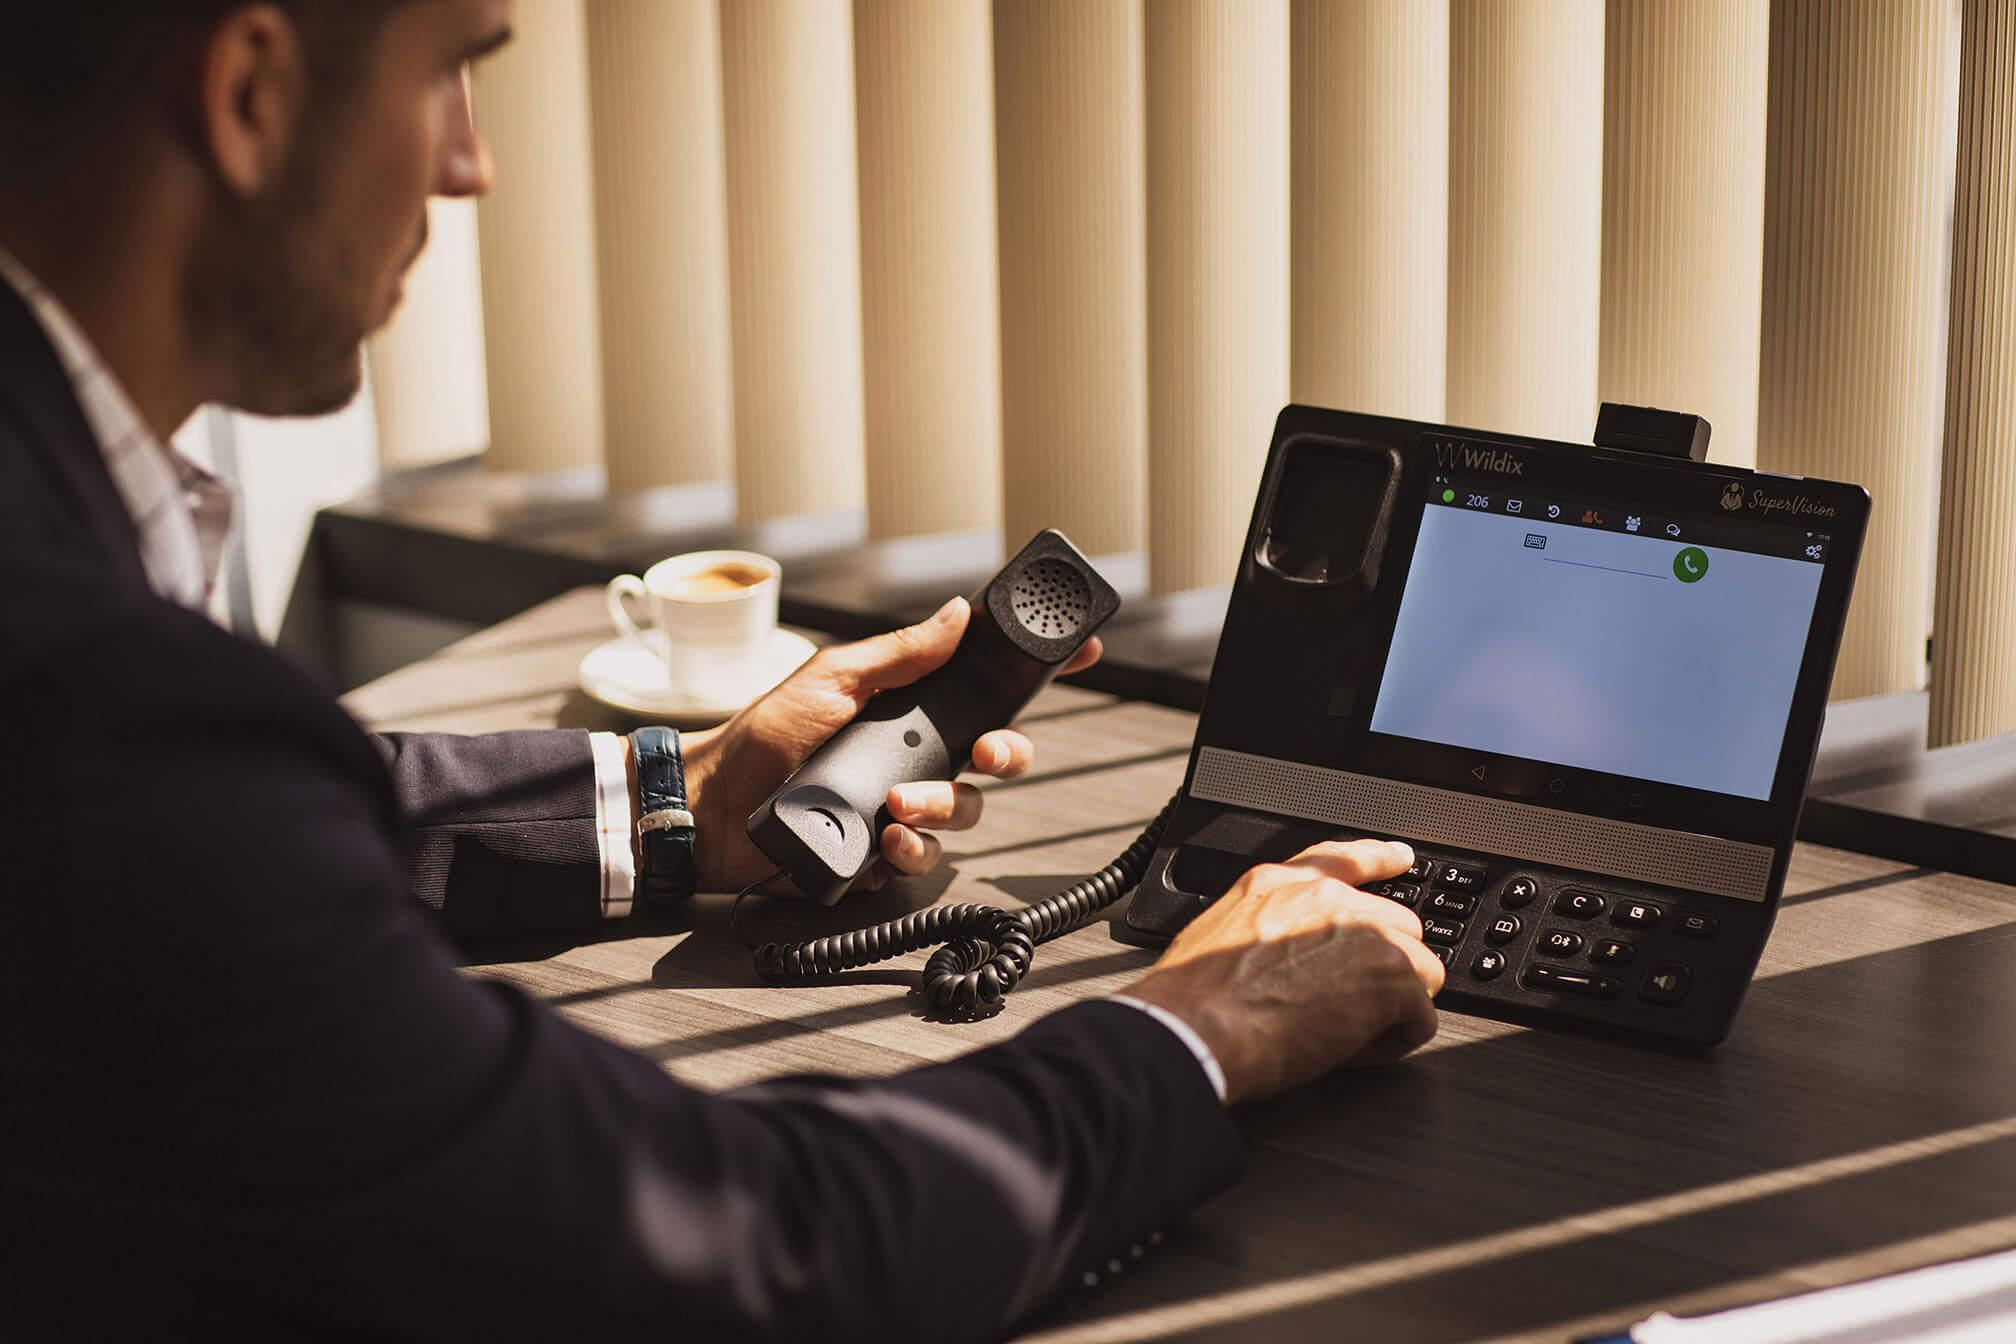 Wildix VoIP Business Phones